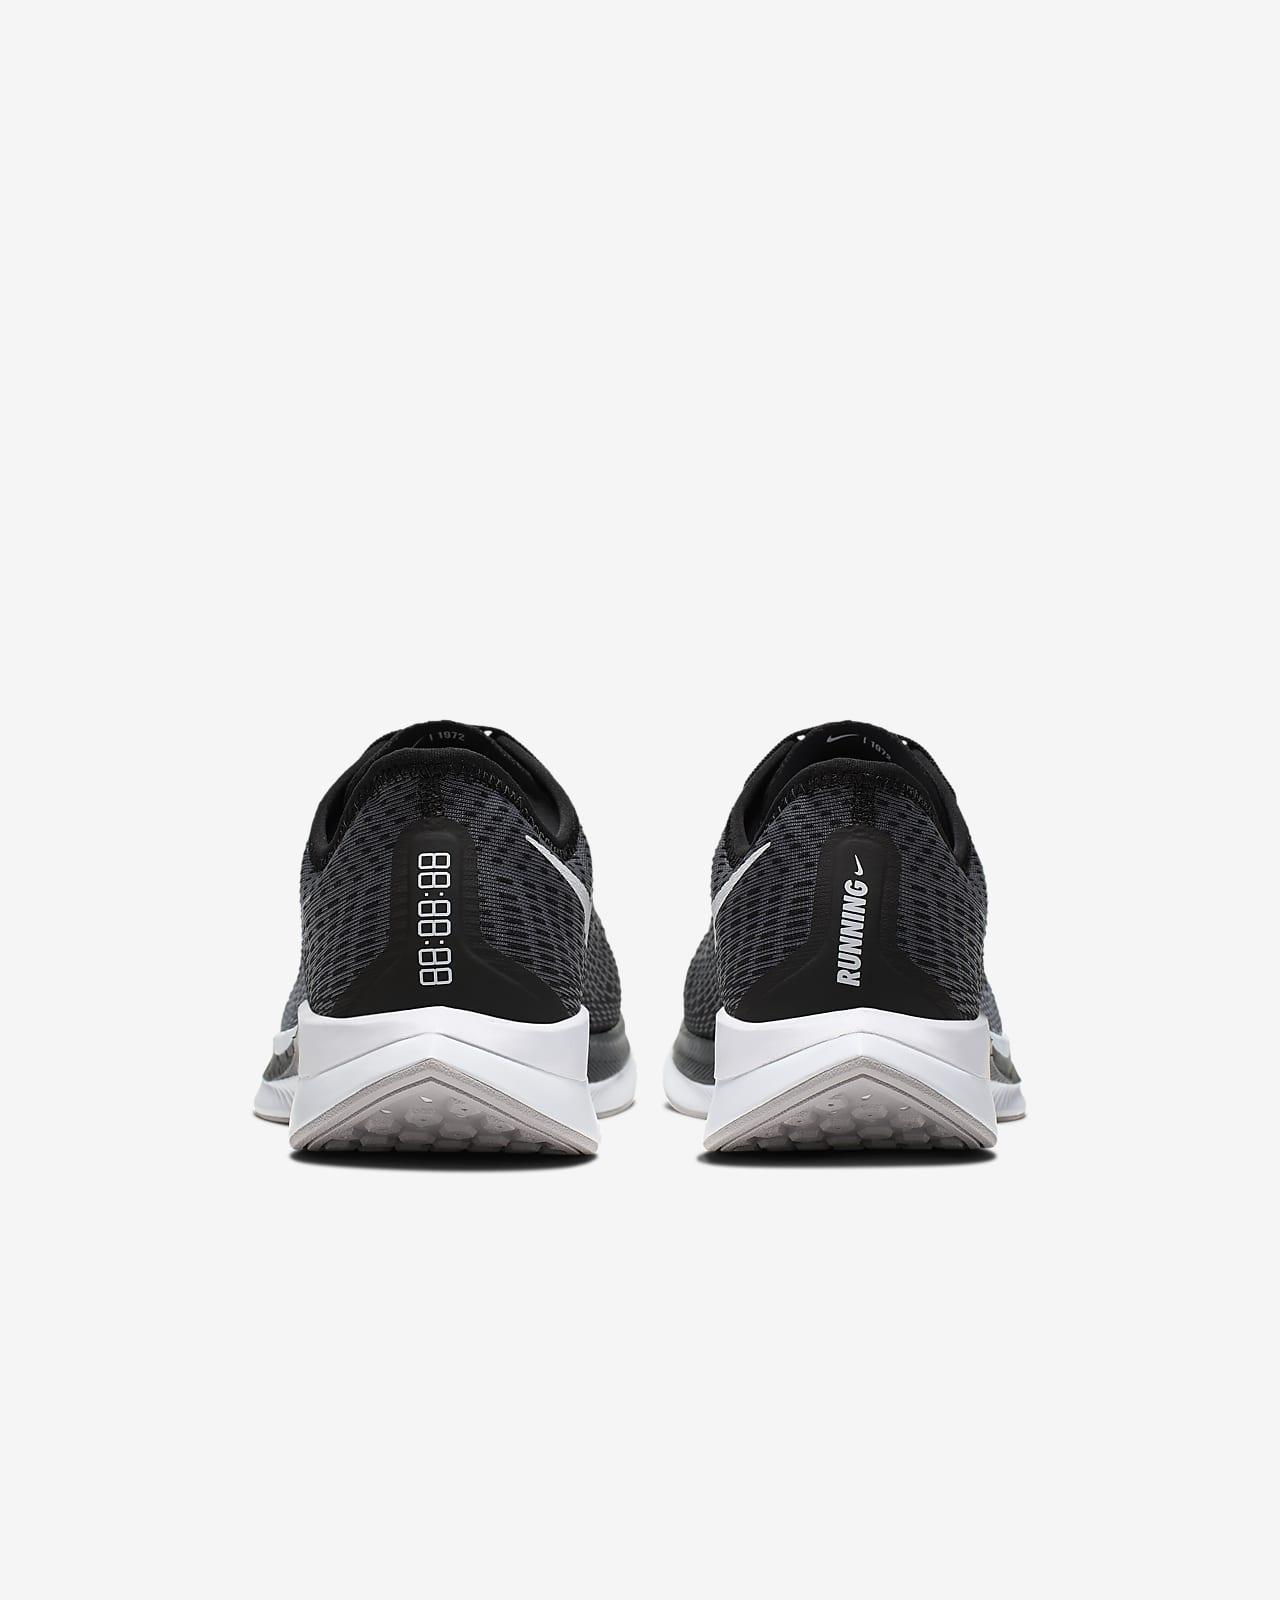 Nike Zoom Pegasus Turbo 2 Men's Running